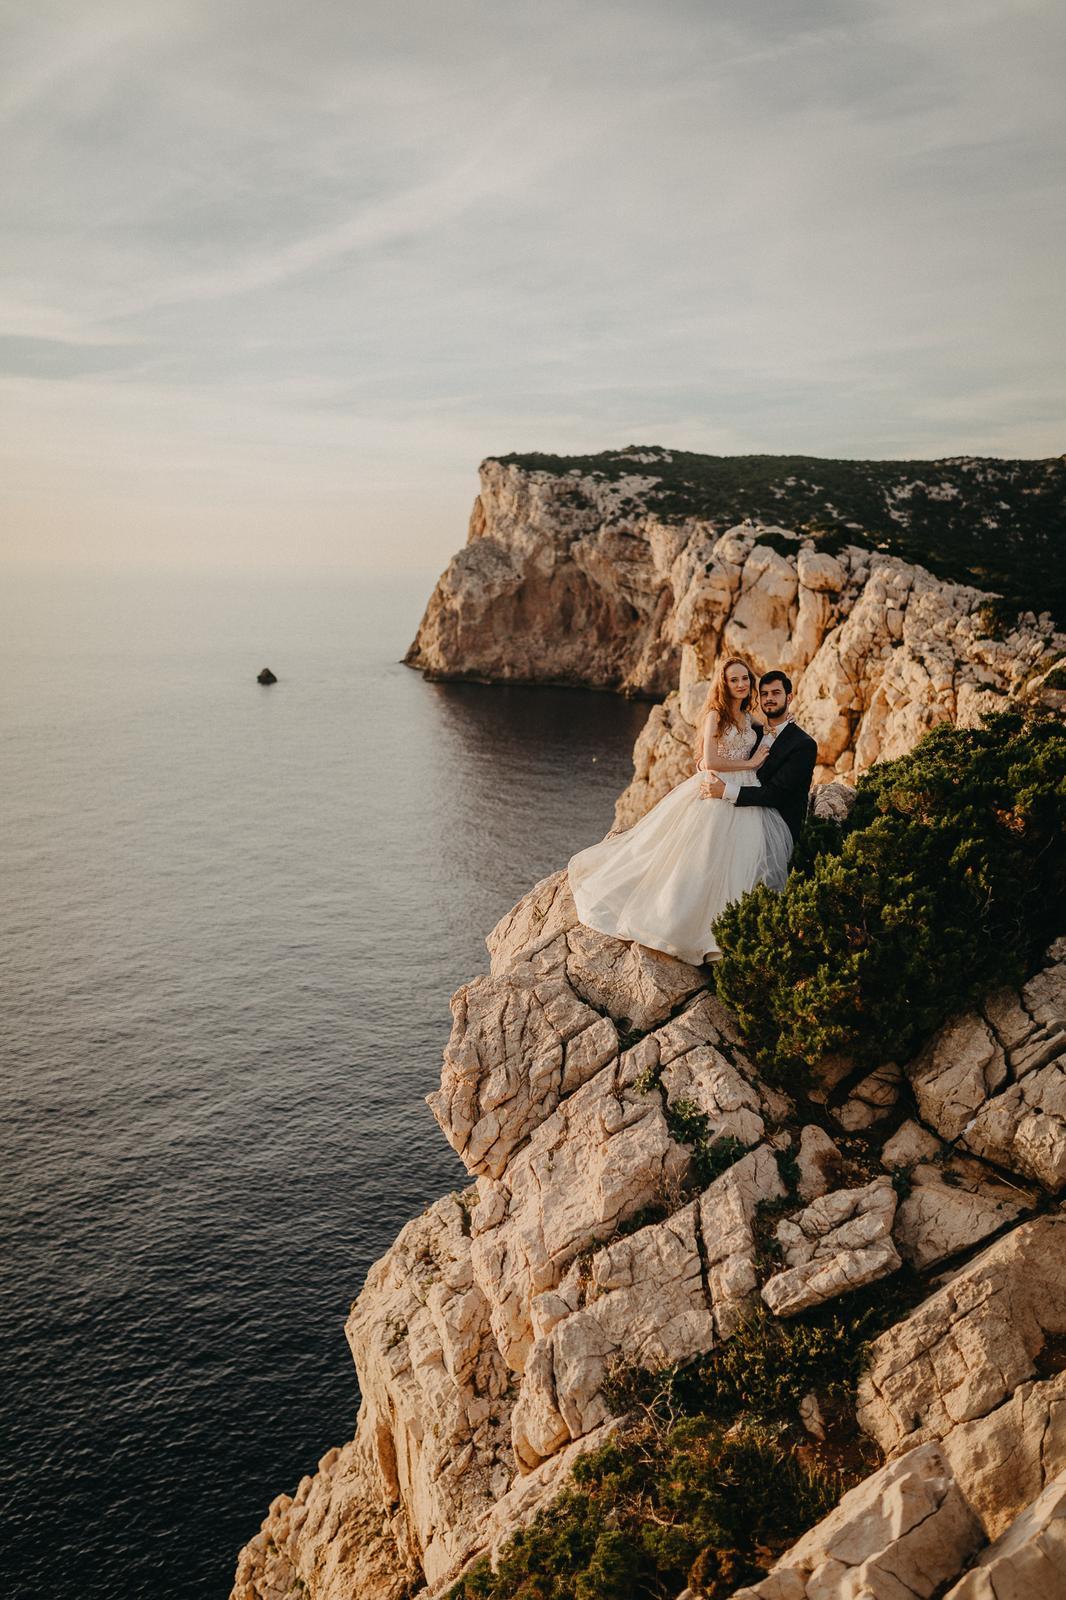 Naše svadobné fotenie na Sardínii - Obrázok č. 85